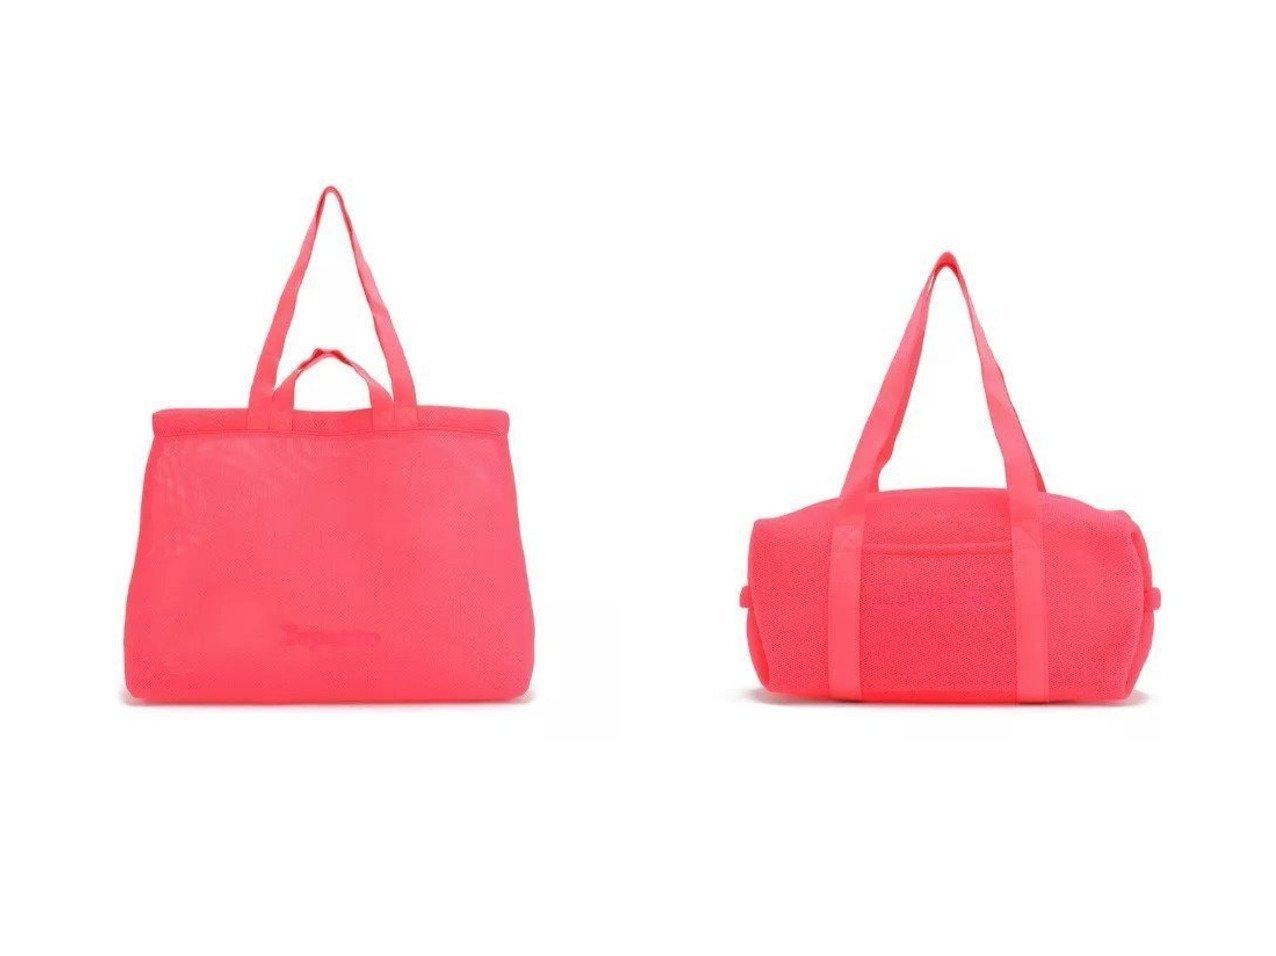 【repetto/レペット】のDuffle bag size M&Breath Bag 【バッグ・鞄】おすすめ!人気、トレンド・レディースファッションの通販  | レディースファッション・服の通販 founy(ファニー)